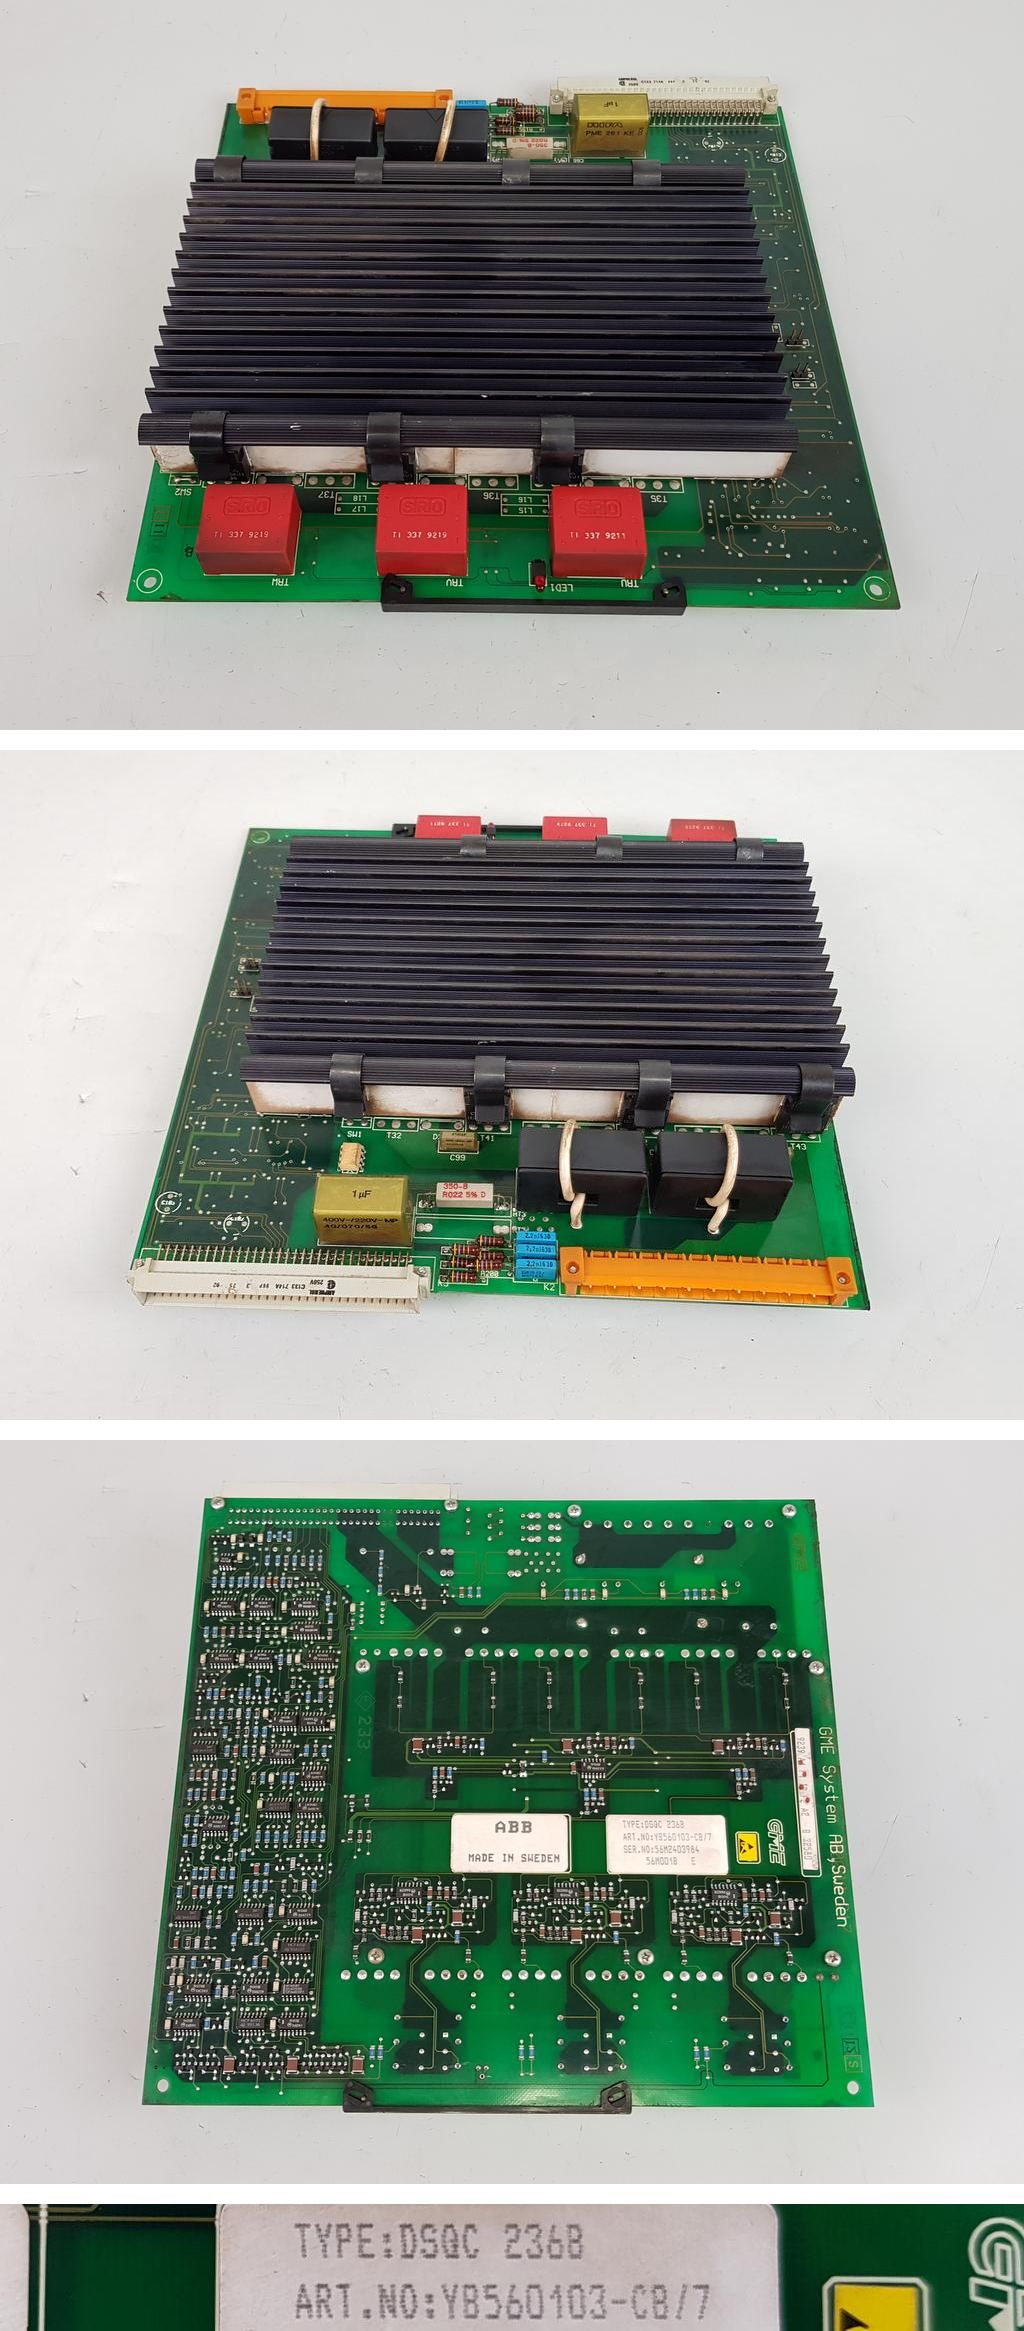 Zip Beutel 55x65mm 90µ transparent green line Schnellverschlussbeutel Tütchen